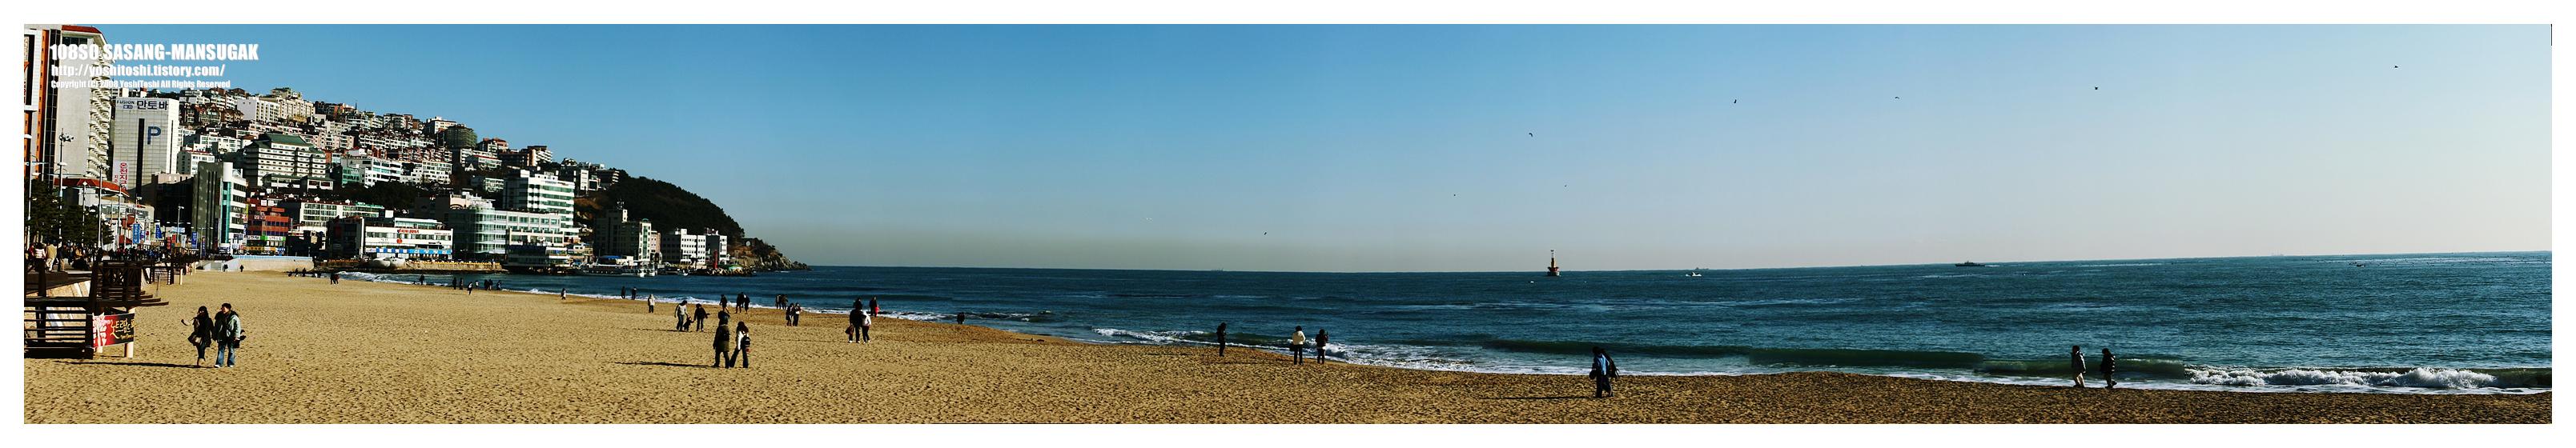 해운대풍경, 파노라마사진1